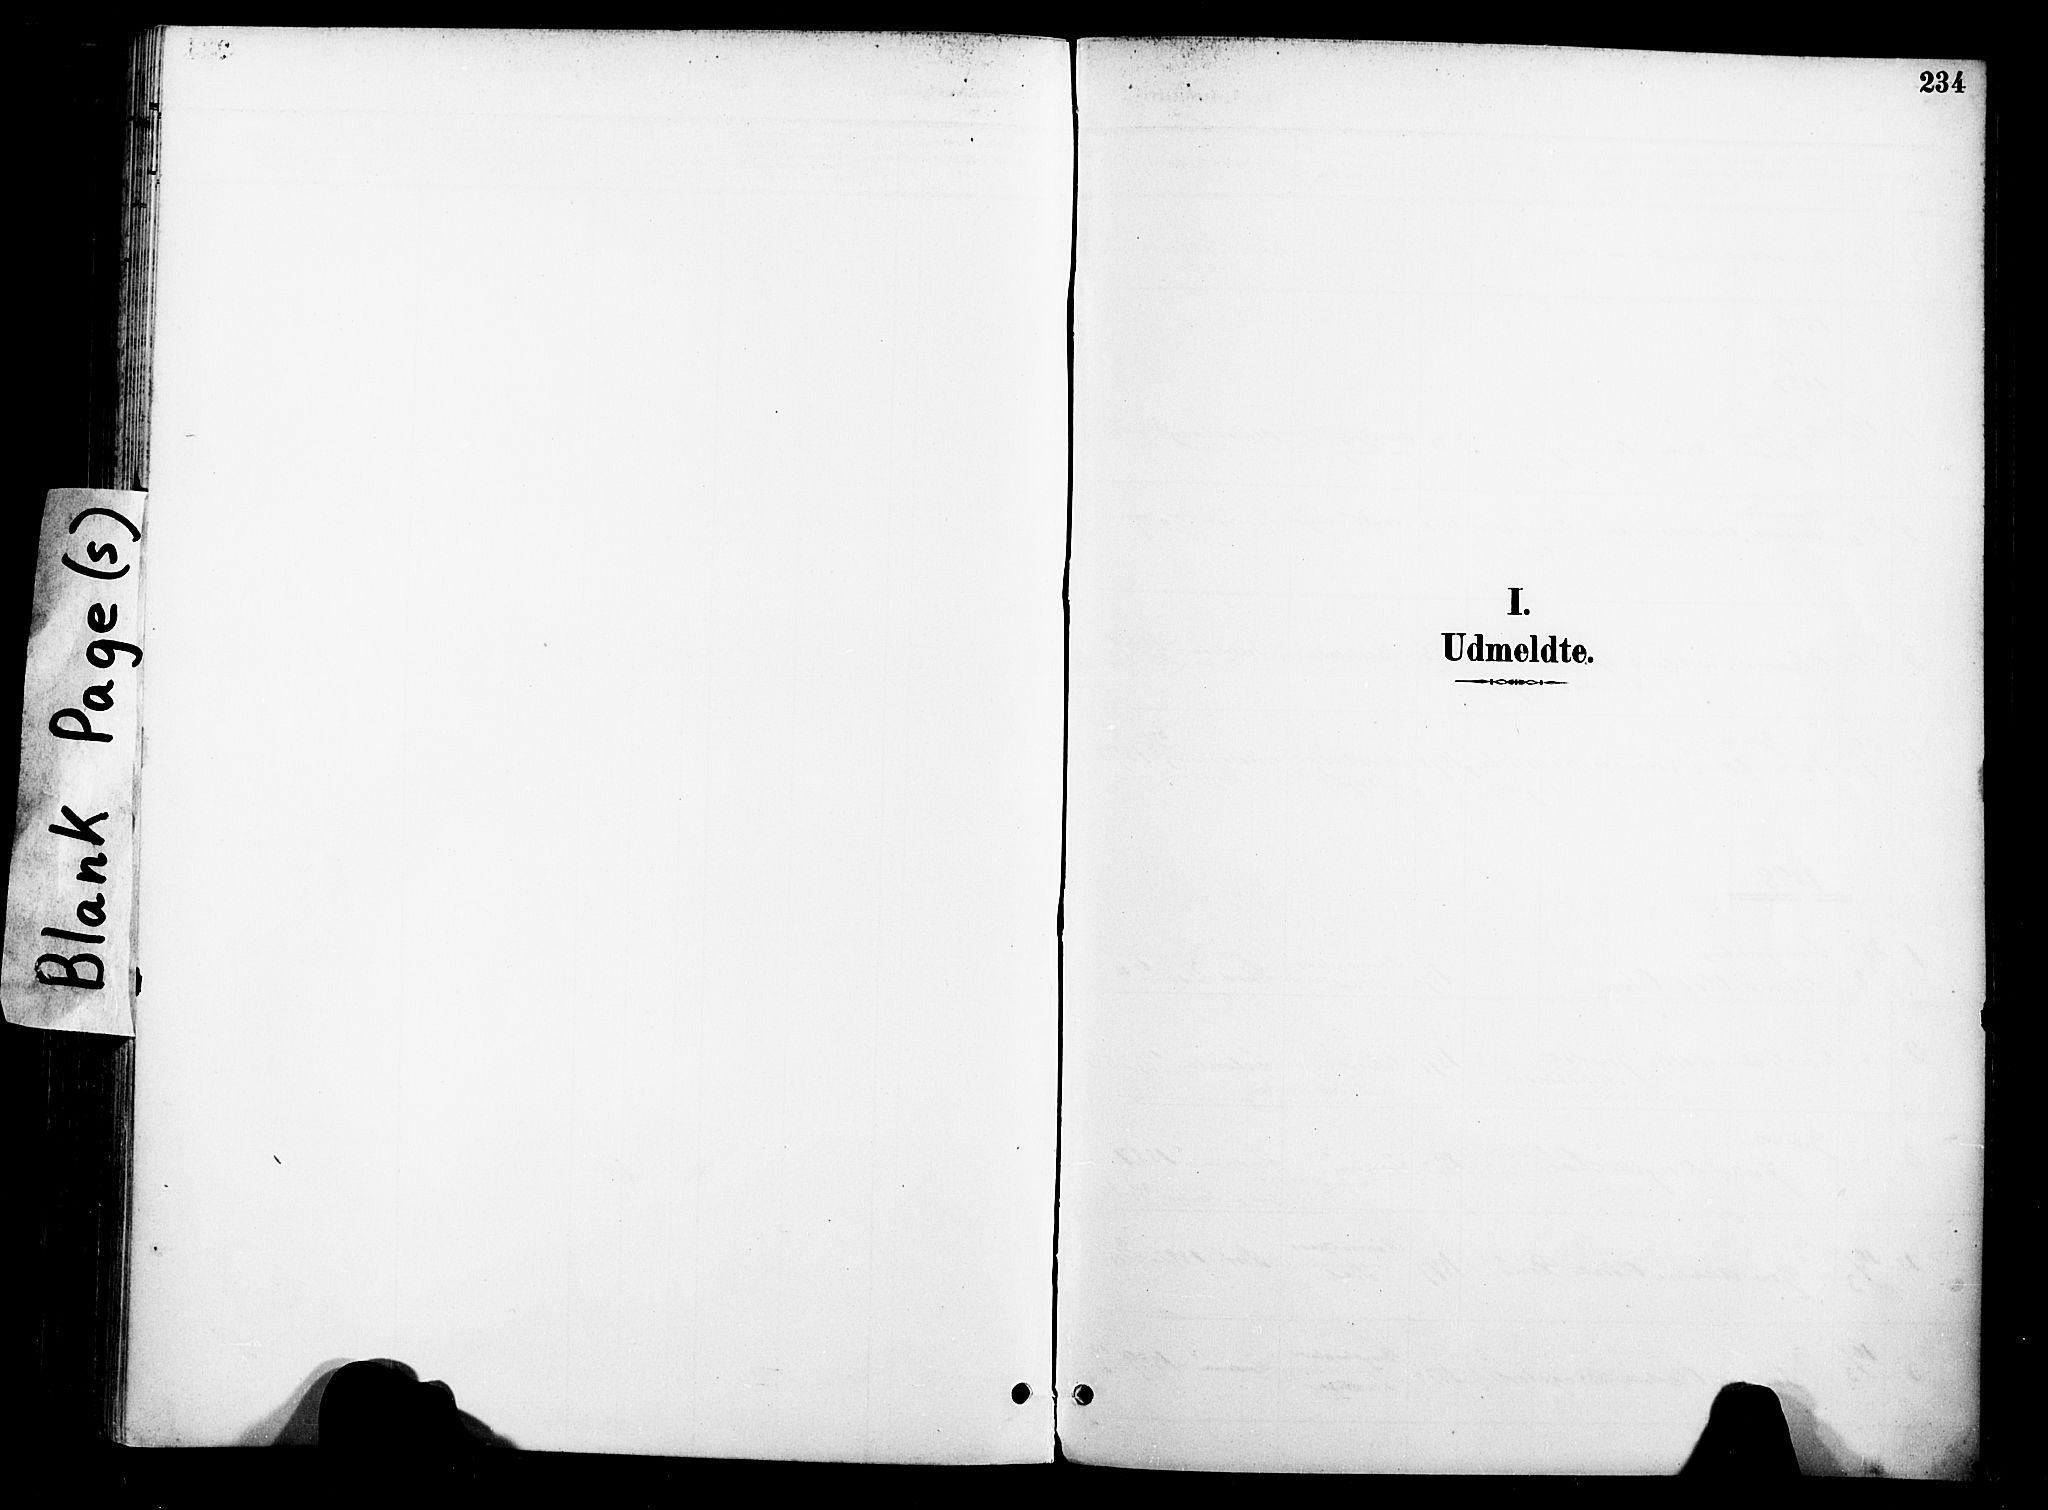 SAT, Ministerialprotokoller, klokkerbøker og fødselsregistre - Nord-Trøndelag, 739/L0372: Ministerialbok nr. 739A04, 1895-1903, s. 234